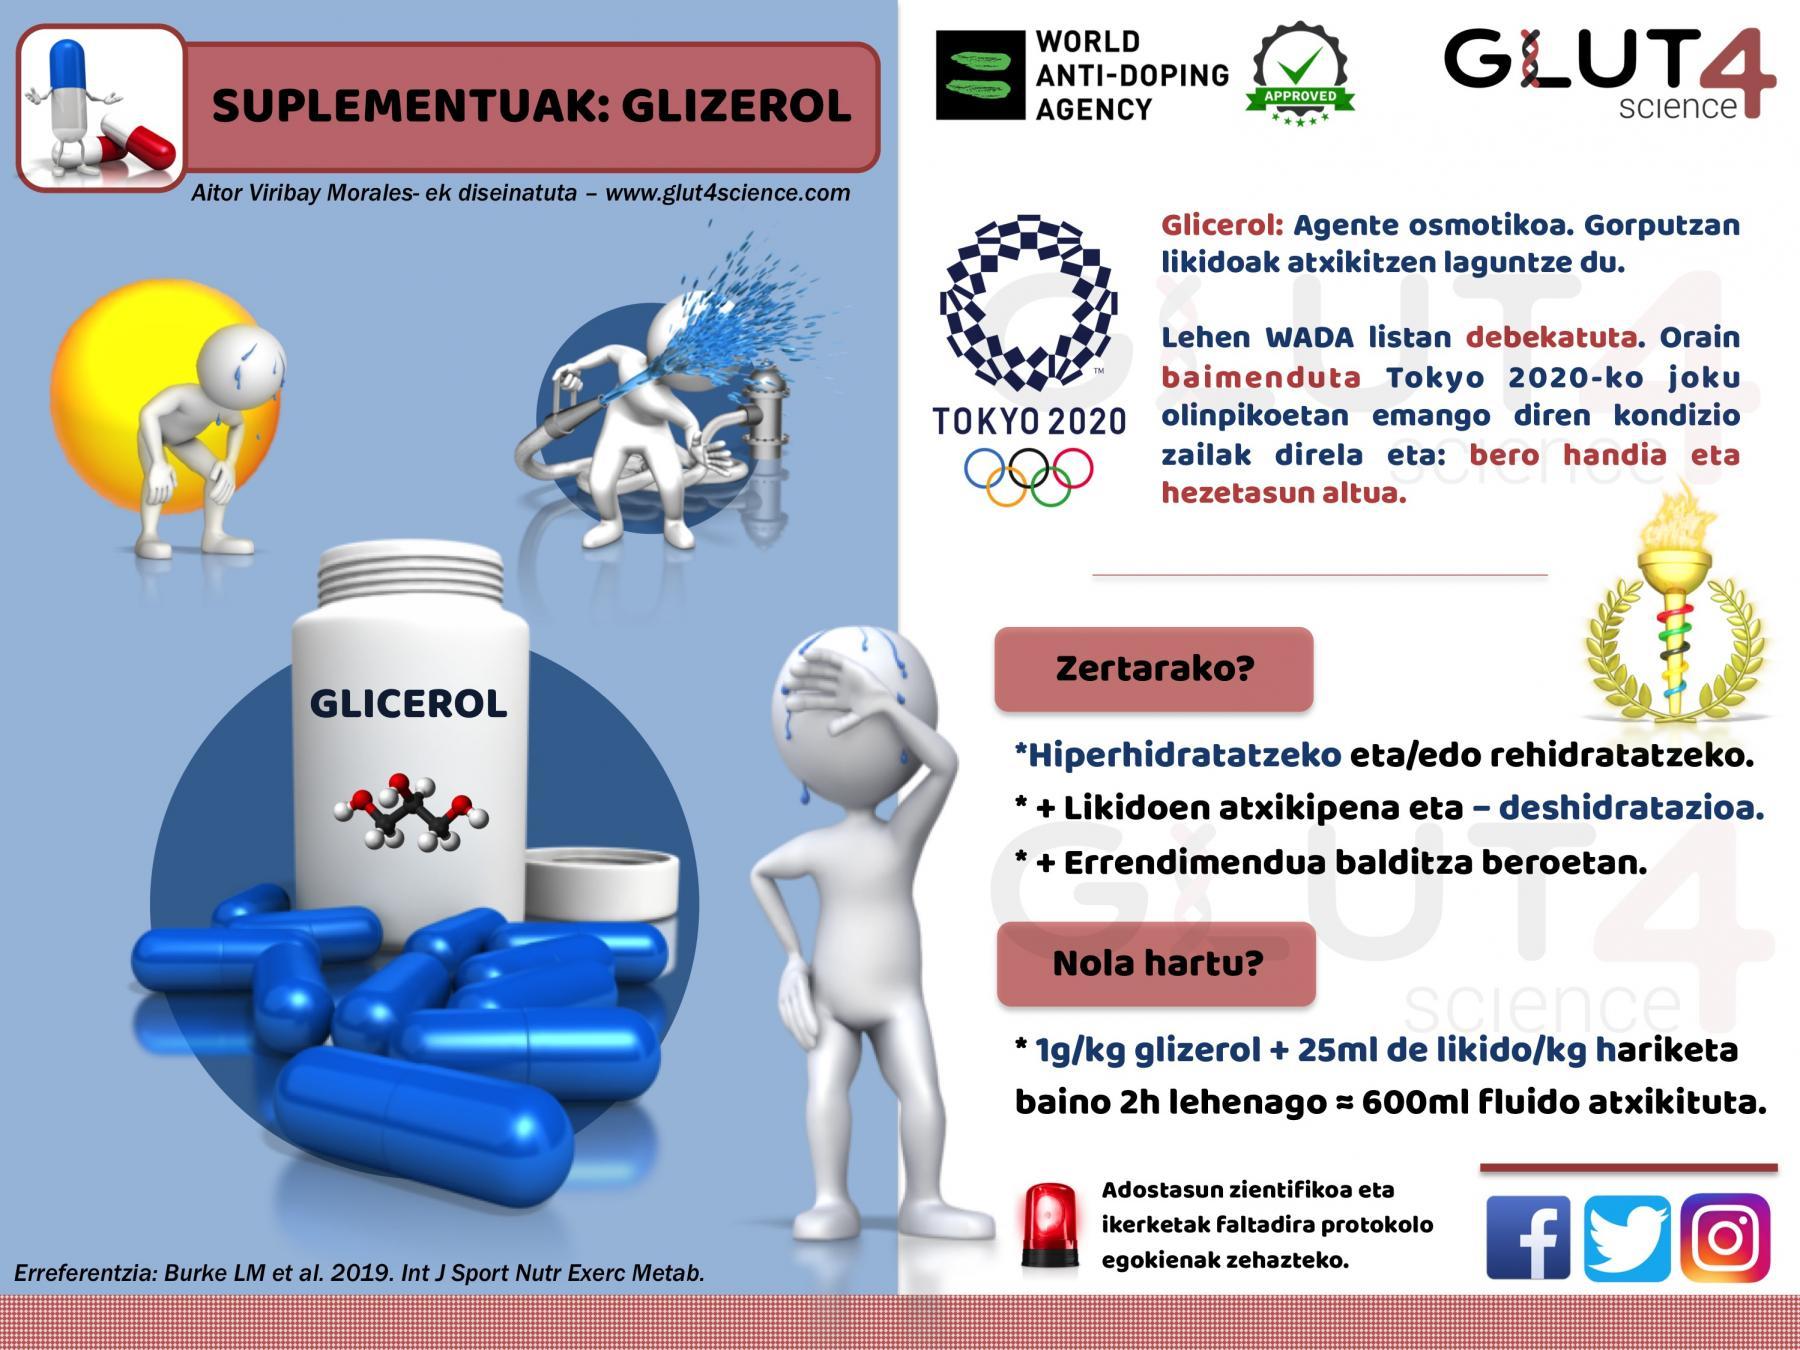 Glizerola: Agente osmotikoa kirolean - hiperhidratazioa